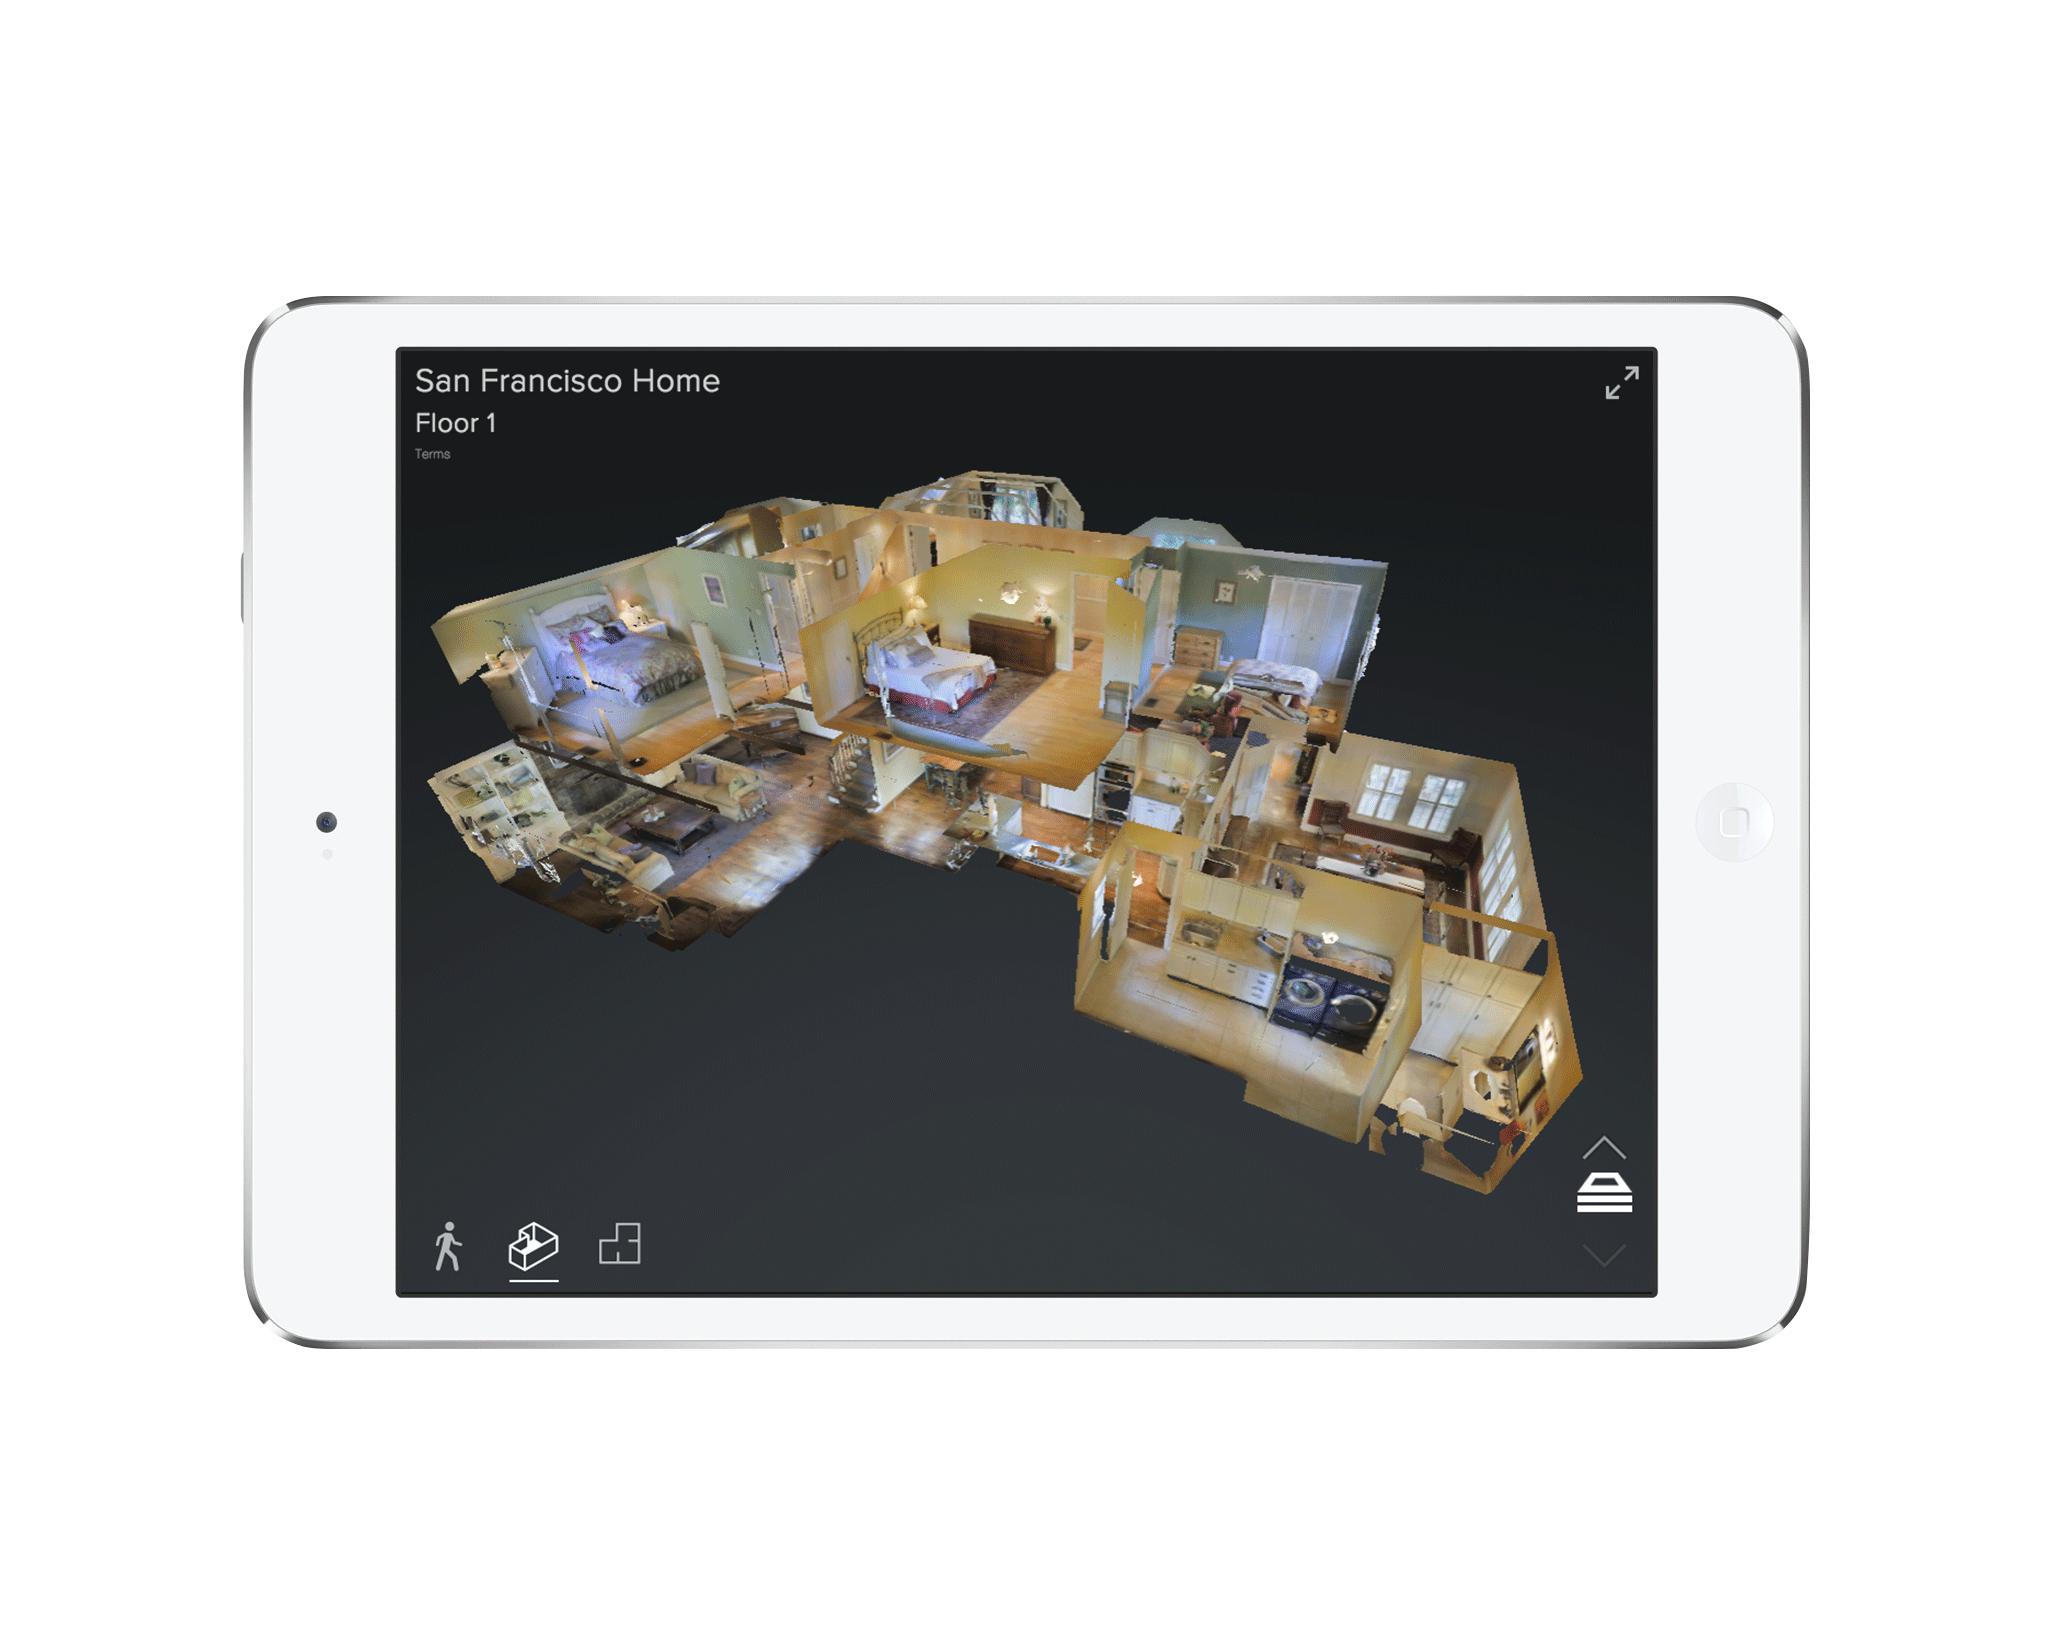 3DShowcase on iPad